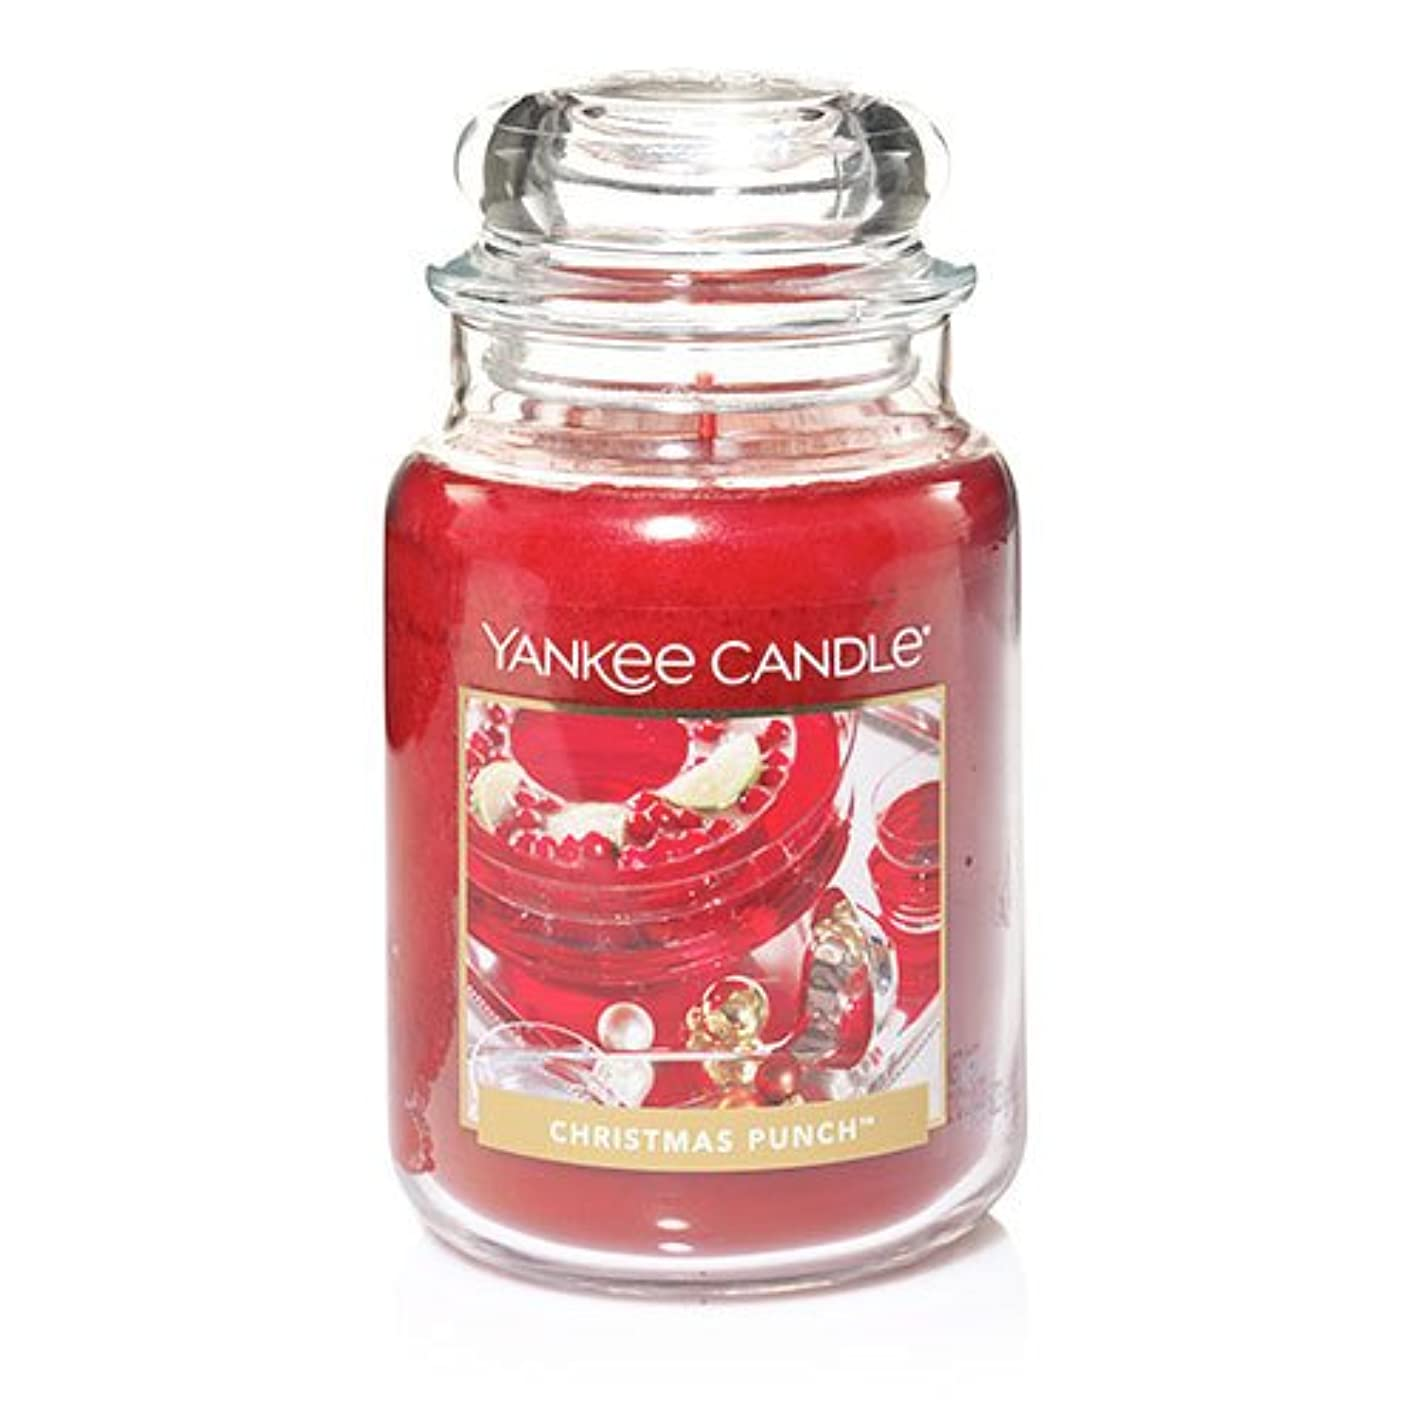 顧問凍ったラオス人Yankee CandleクリスマスパンチLarge Jar Candle